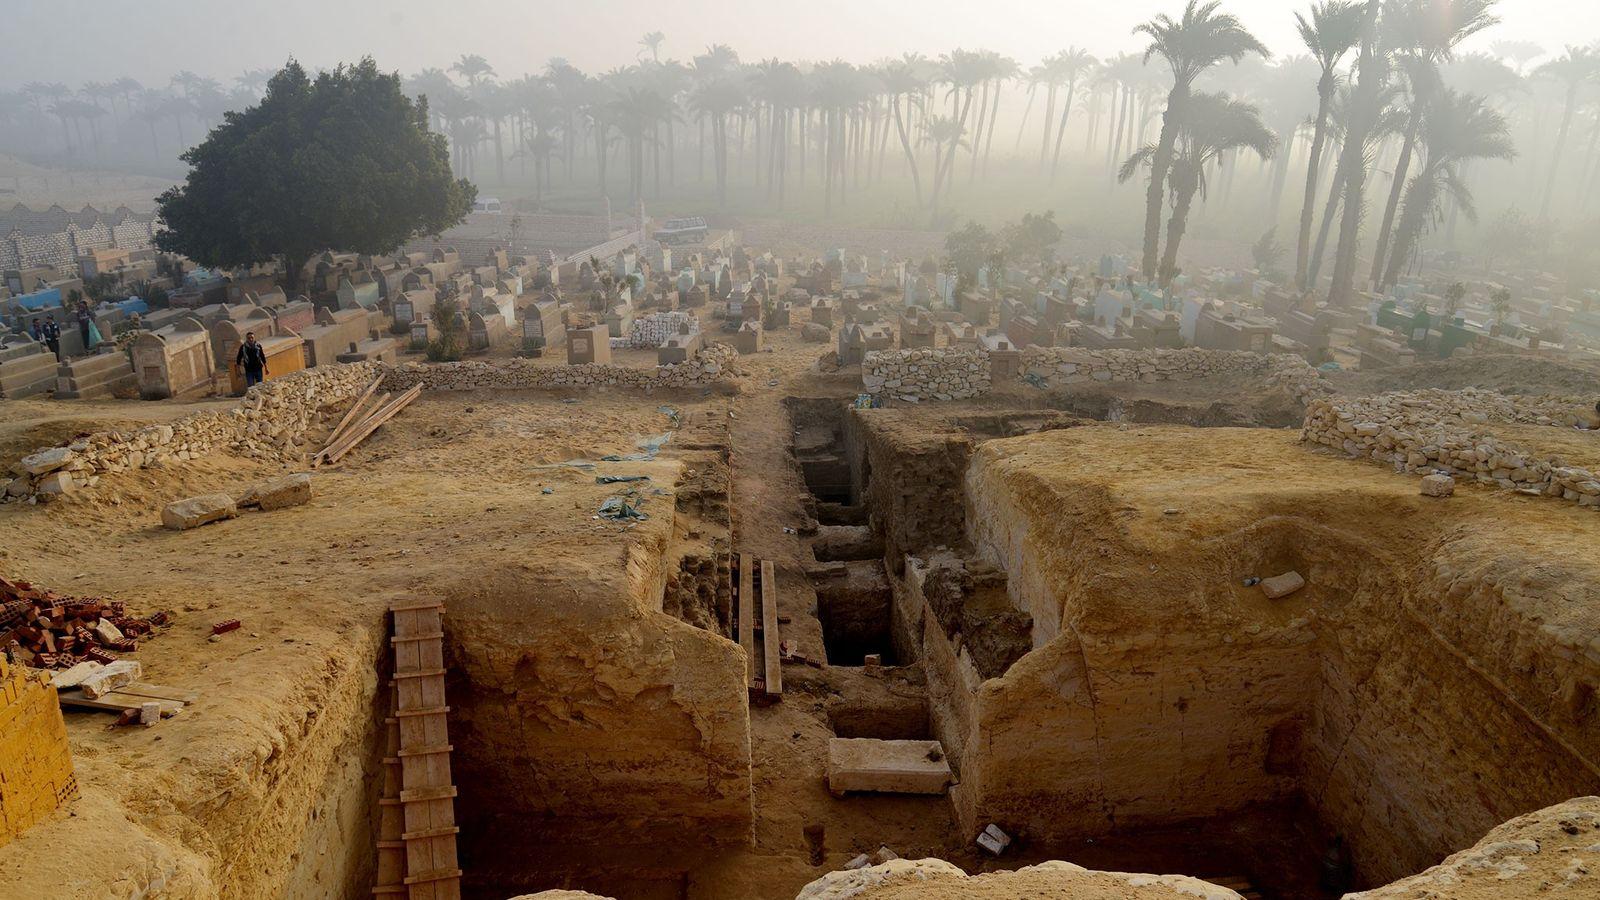 O grande conjunto de sepulturas antigas em Lisht, no Egito, pode oferecer pistas sobre a vida ...